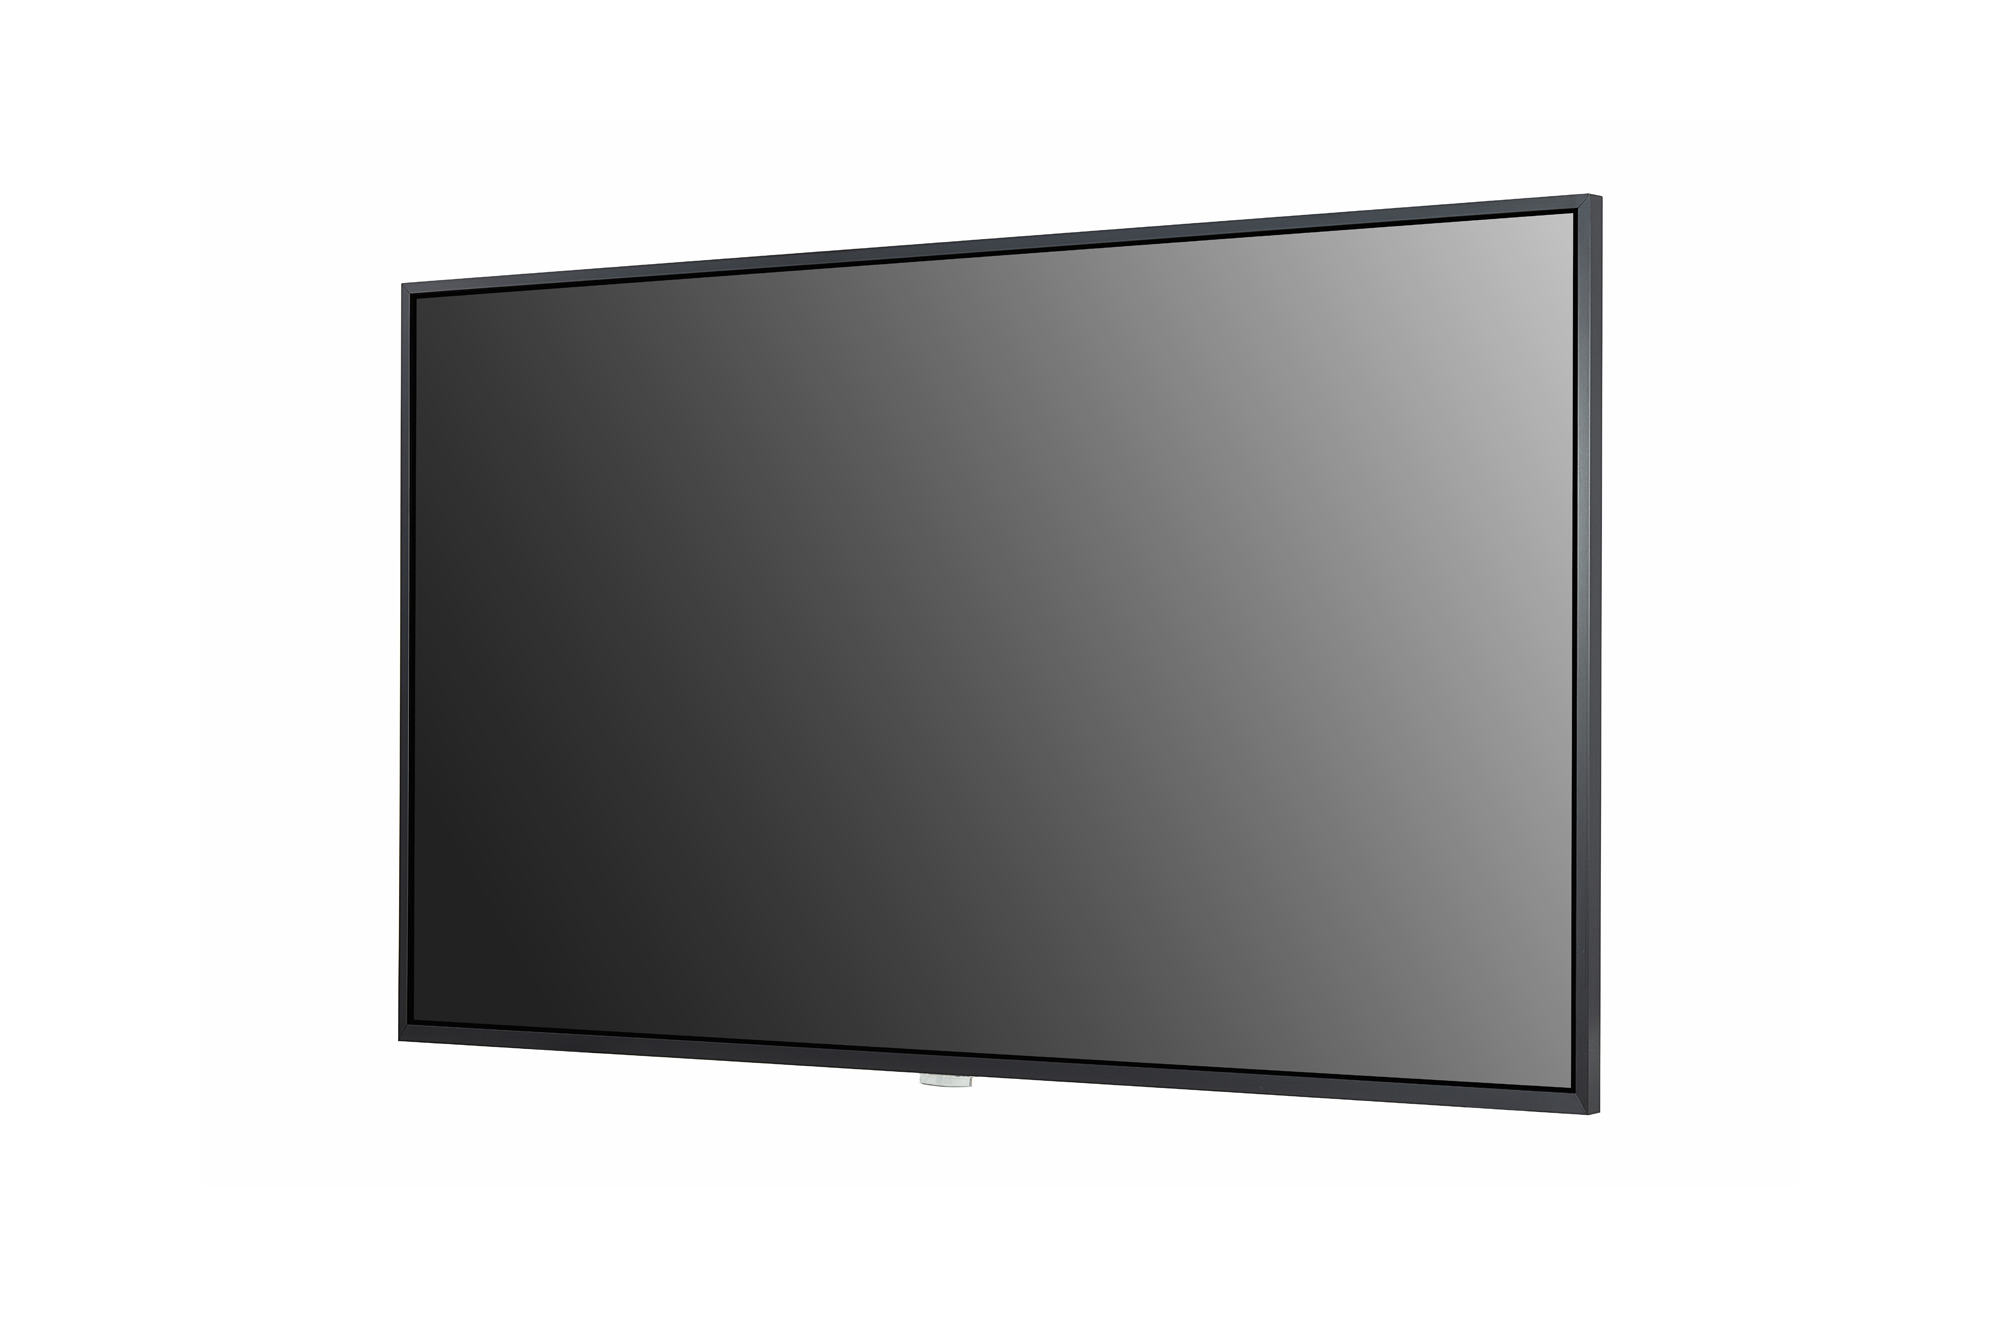 LG Standard Premium 65UH5F-B 6